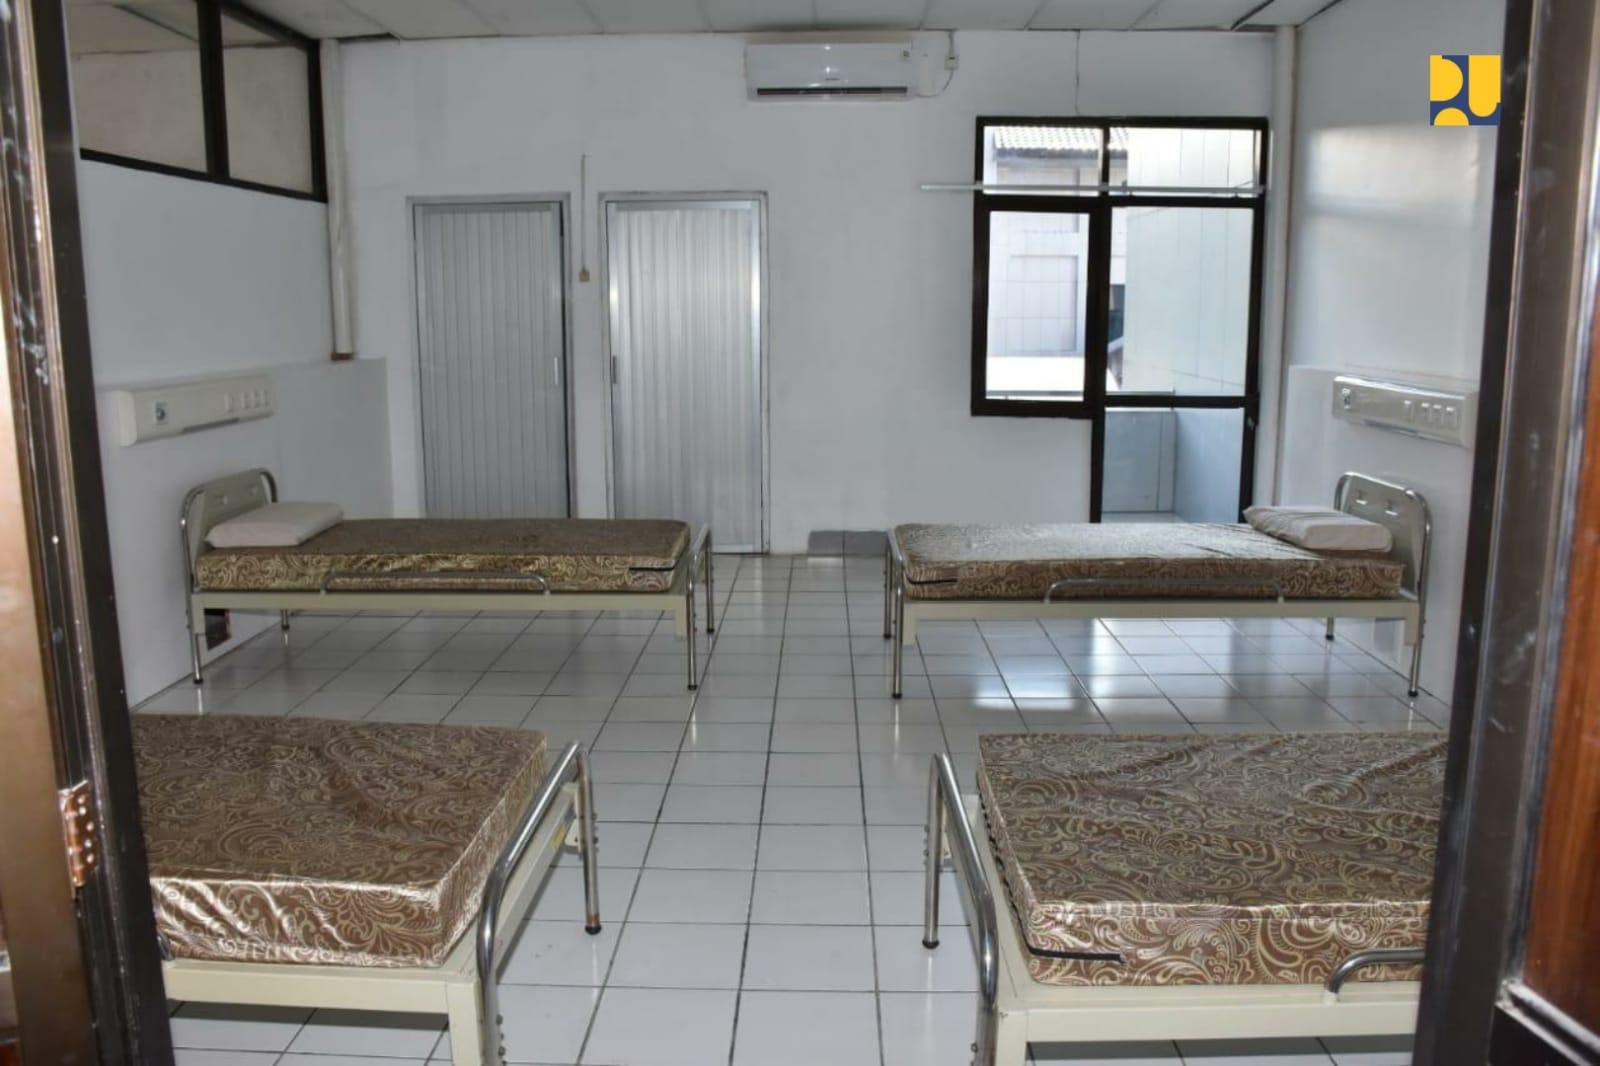 Kapasitas 352 Tempat Tidur, RS Darurat Asrama Haji Donohudan Siap Operasi 2 Agustus